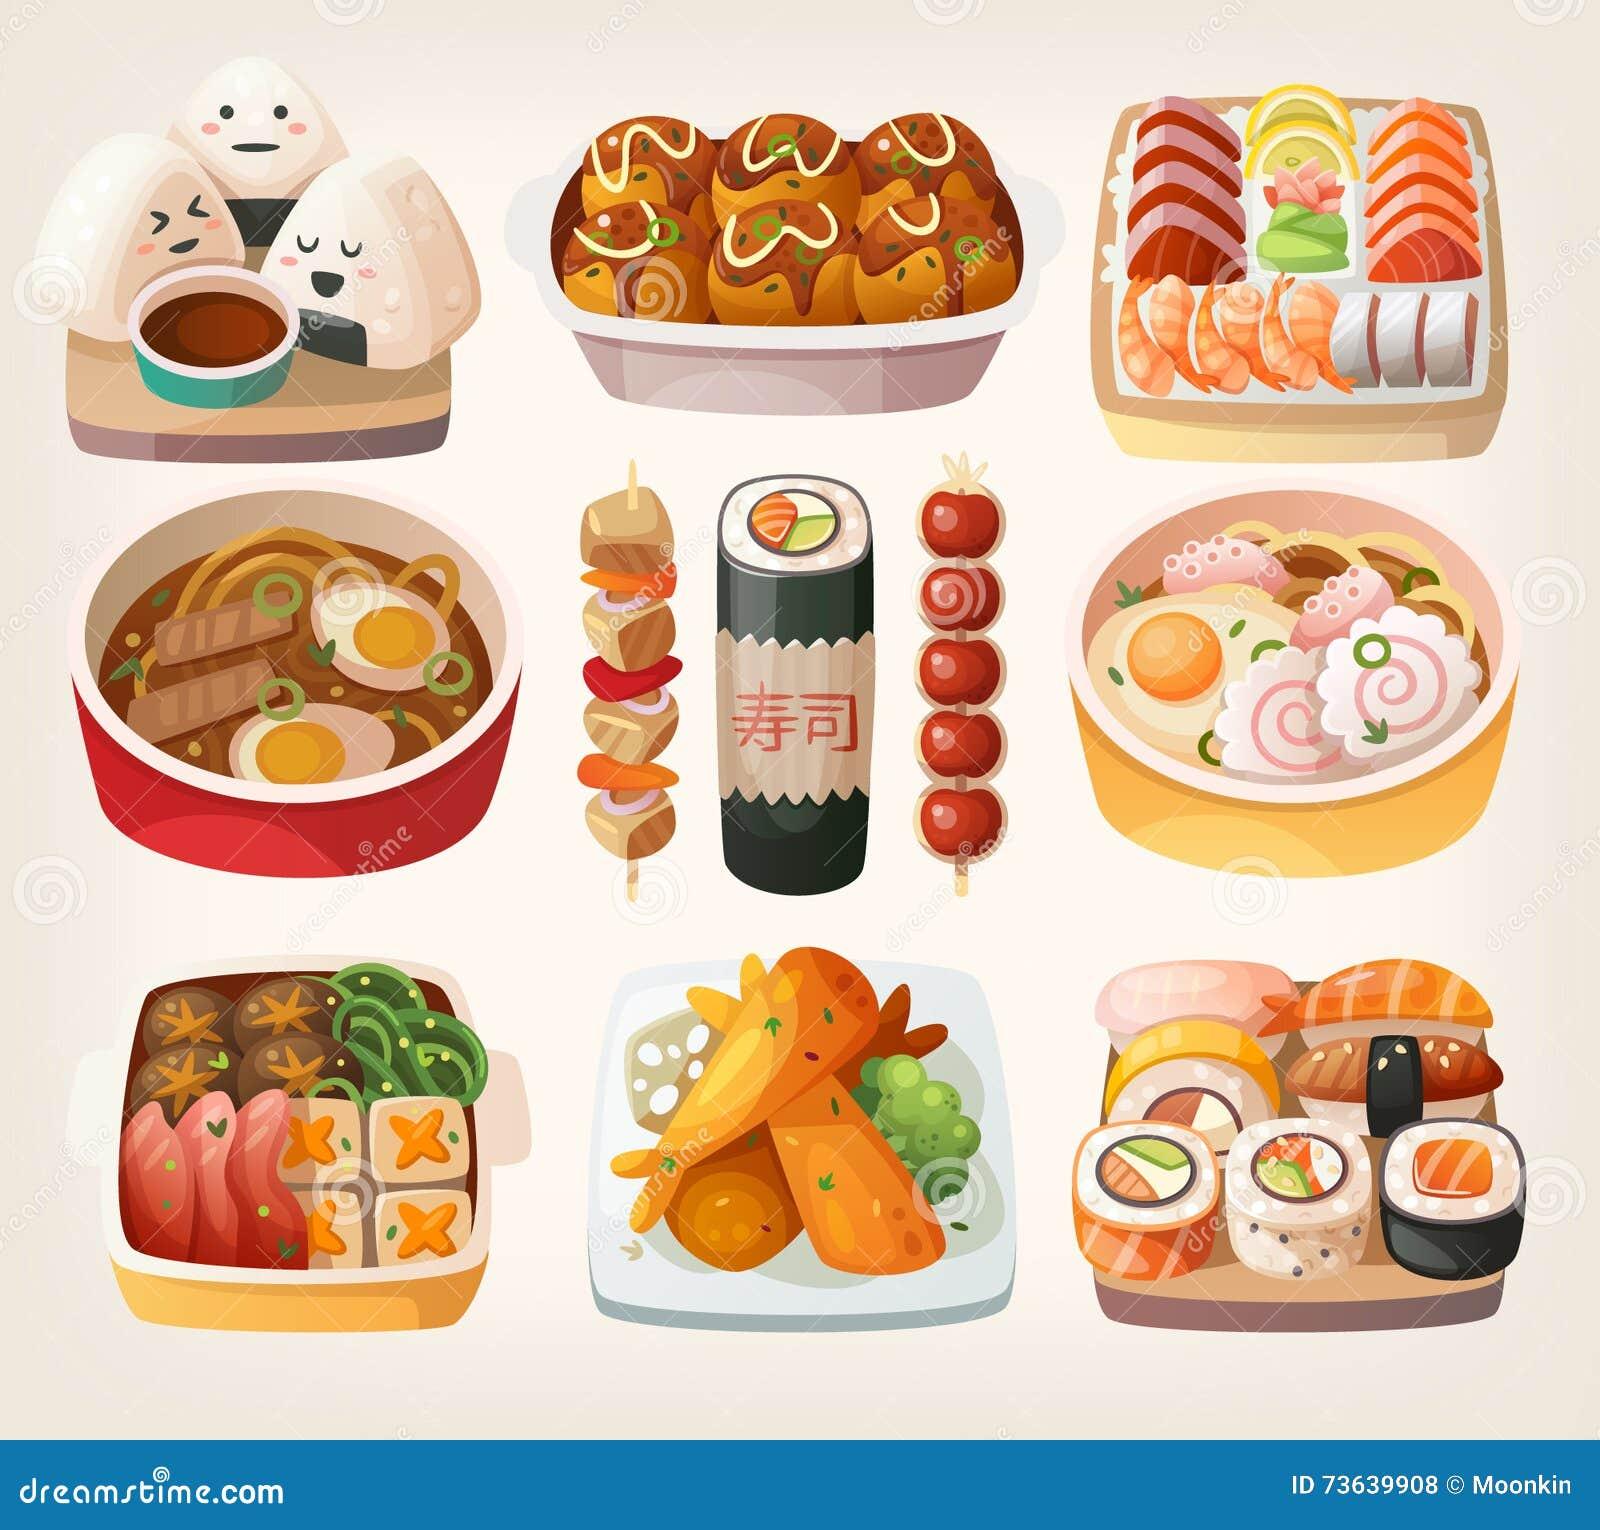 日本食物贴纸